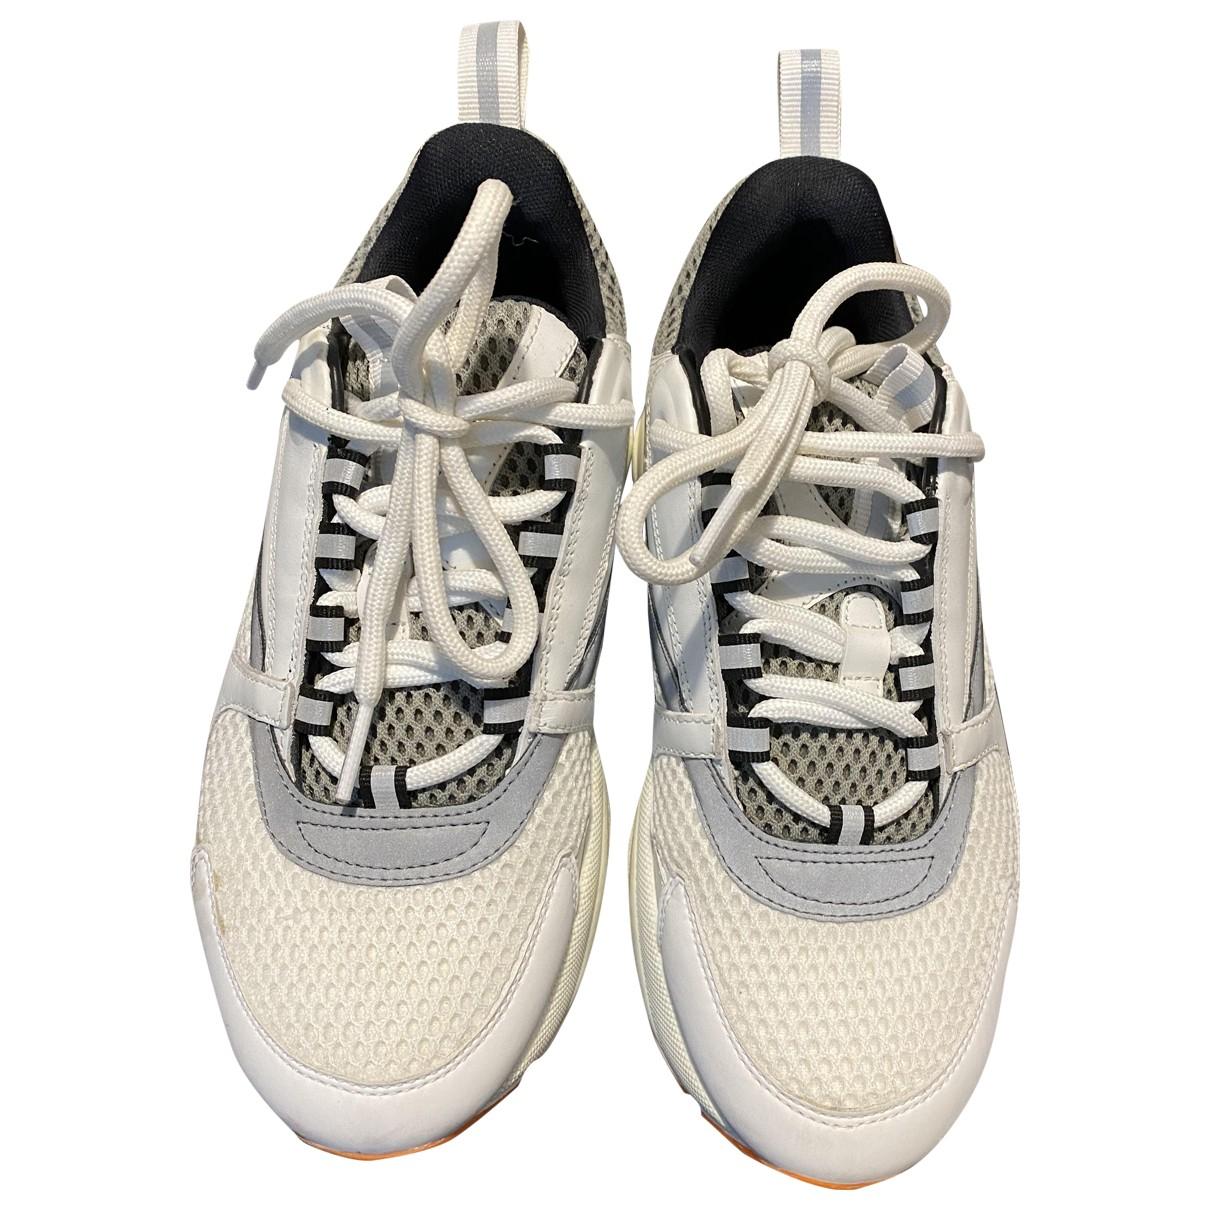 Dior - Baskets B22 pour femme en toile - blanc